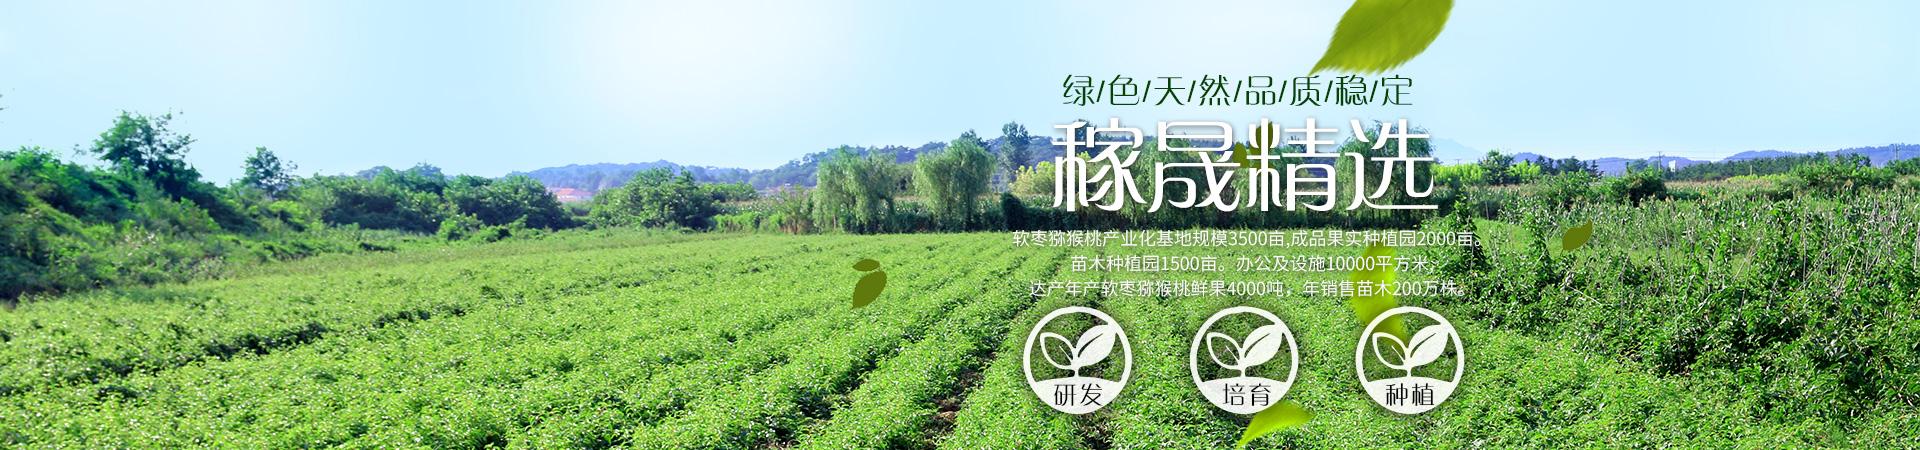 丹東軟棗獼猴桃種植供應基地,奇異莓產地美麗風景。